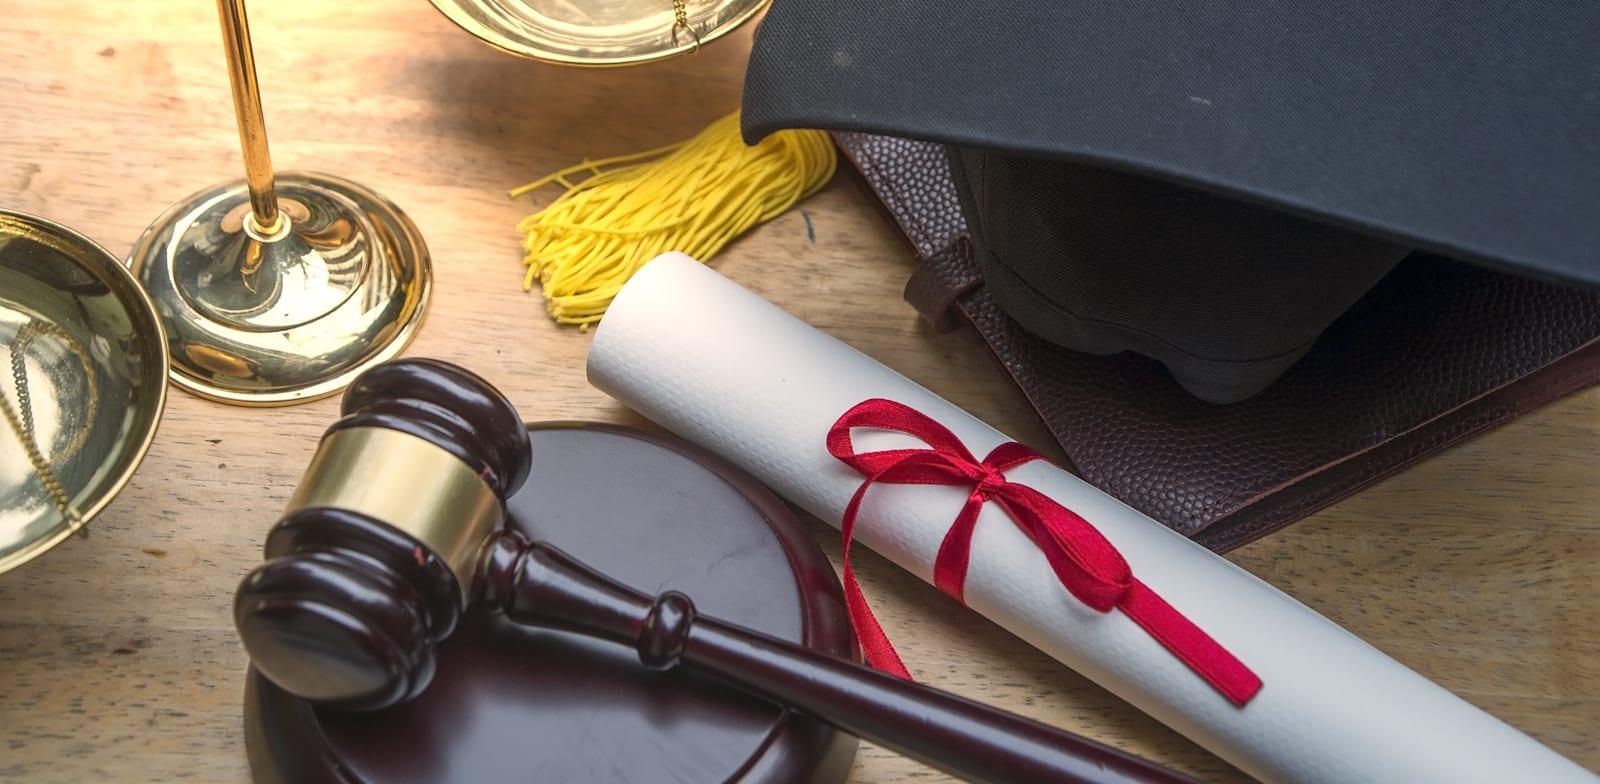 ועדת חשין צפויה להמליץ על הקדמת בחינת ההסמכה בעריכת דין לאחר סיום הלימודים האקדמאיים / צילום: Shutterstock, Supavadee butradee